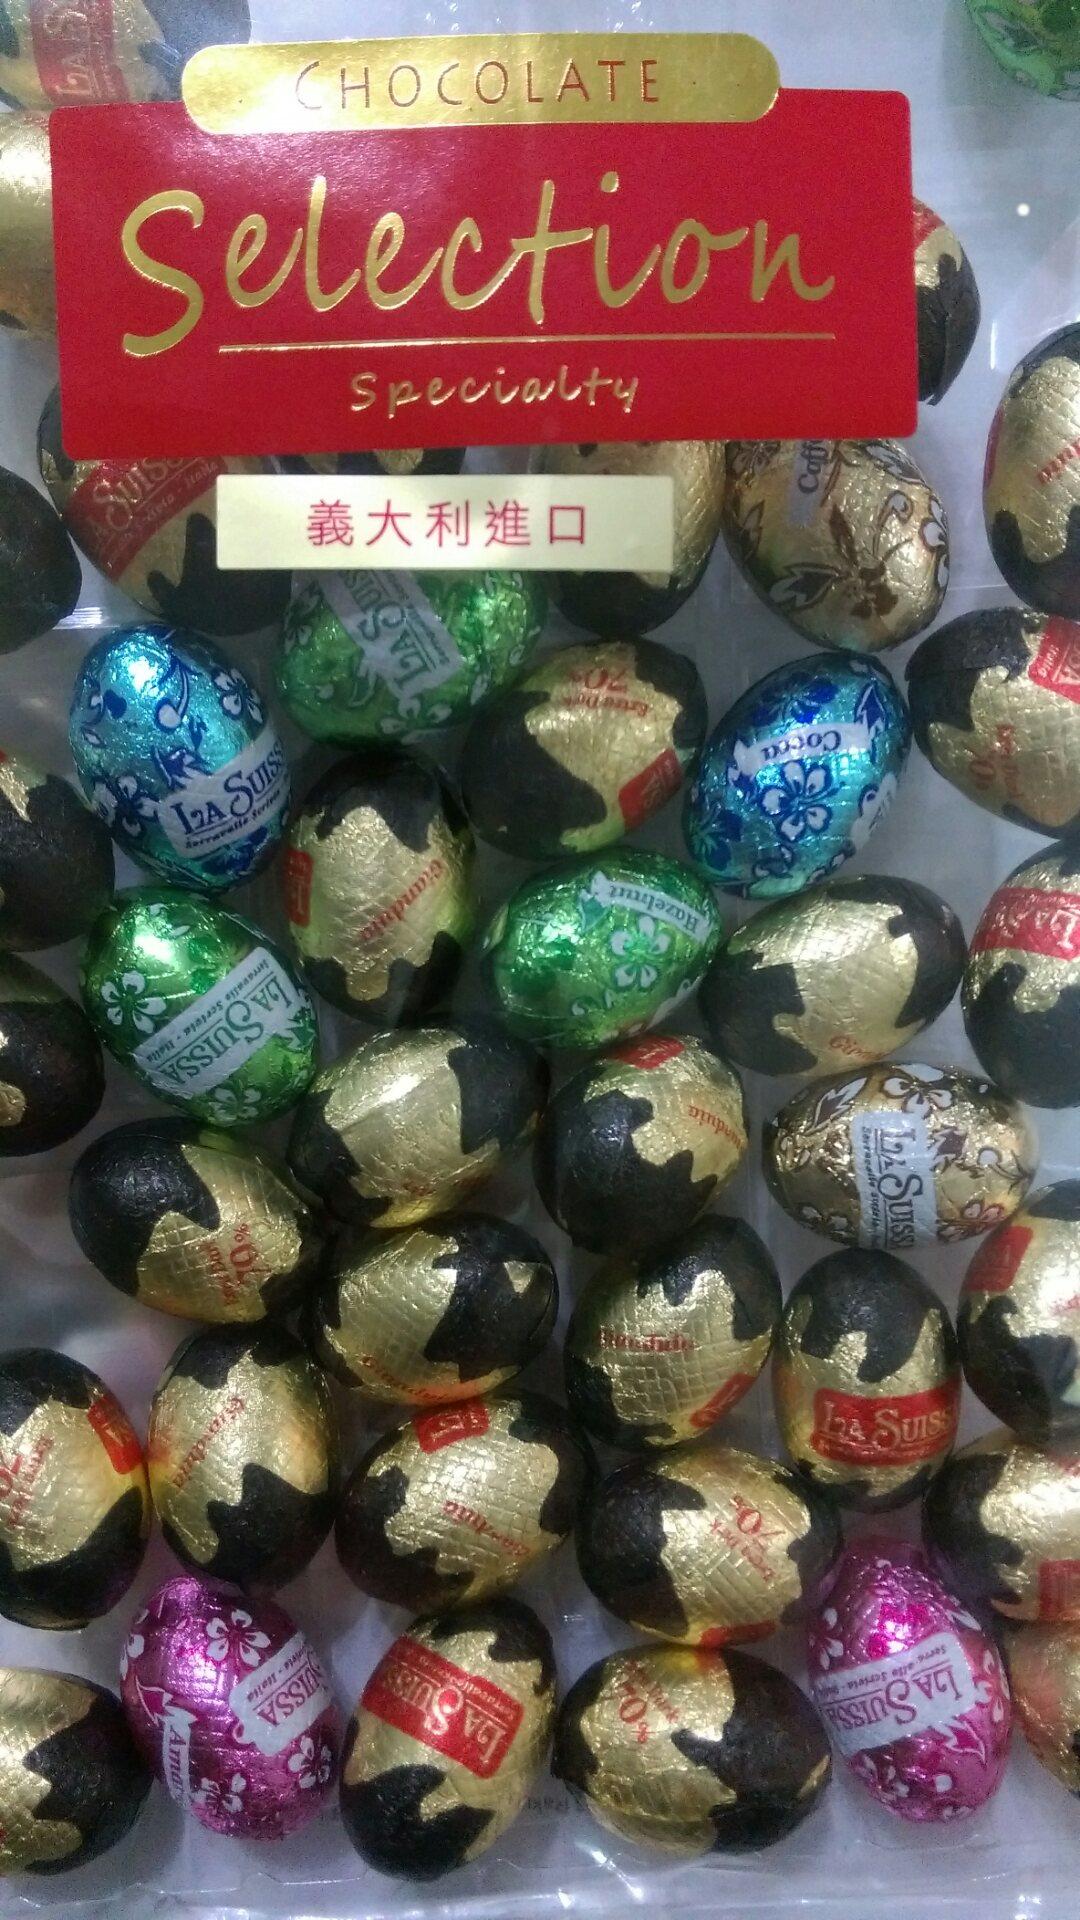 有樂町進口食品 義大利蘇莎蛋形巧克力 320g 8008429256628 - 限時優惠好康折扣